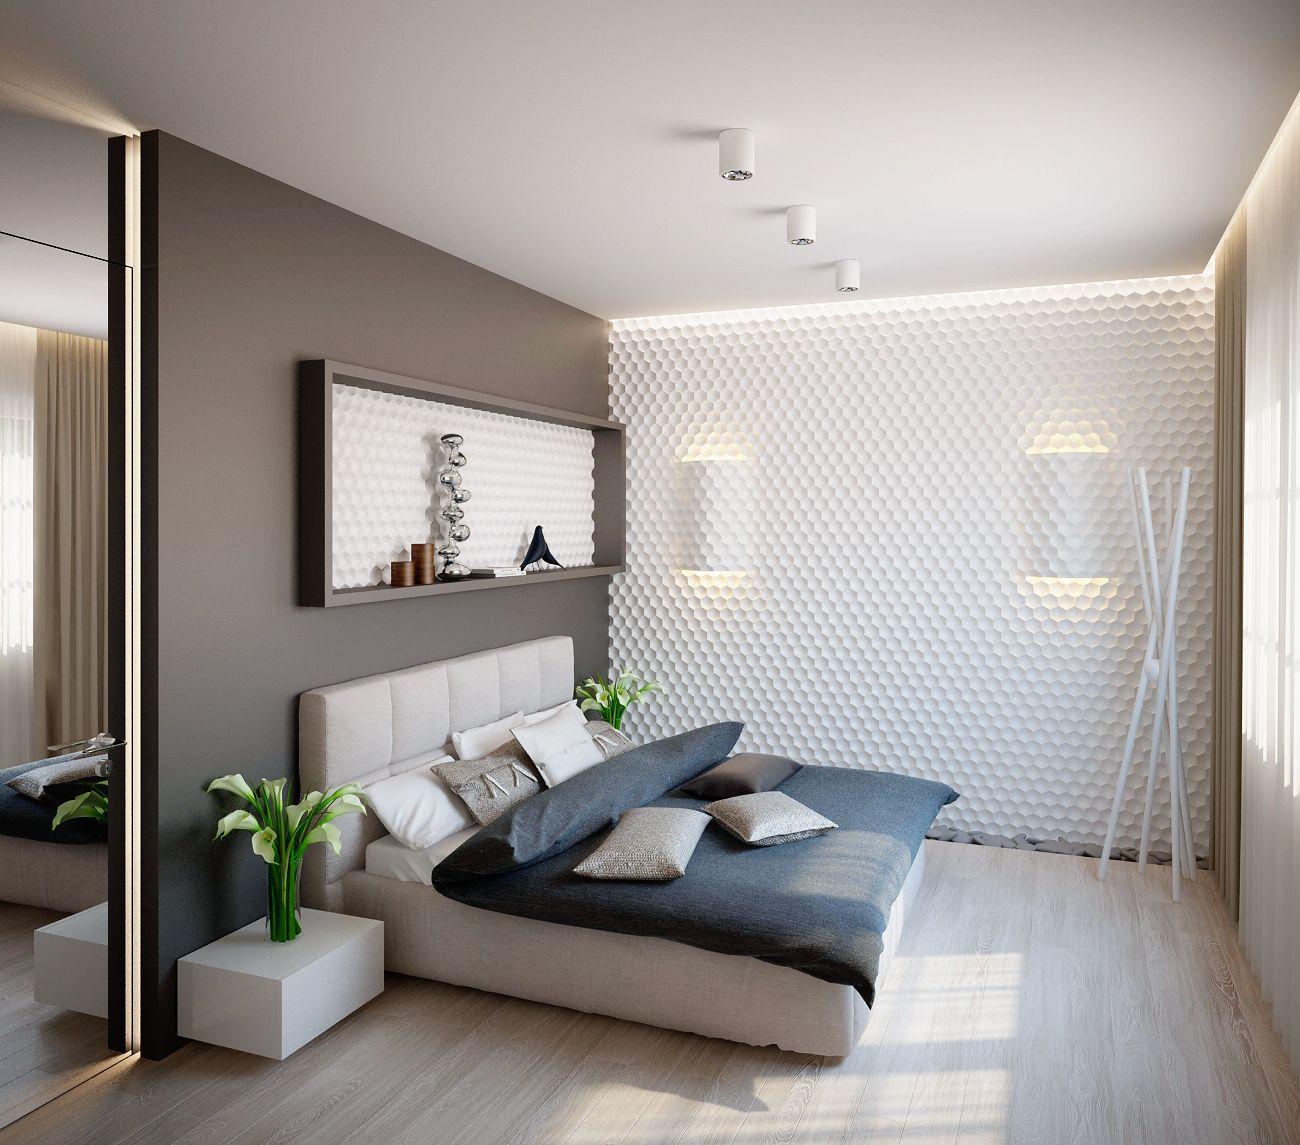 современные спальни дизайн: Интерьеры загородного дома на Калужском ш, Архитектурное